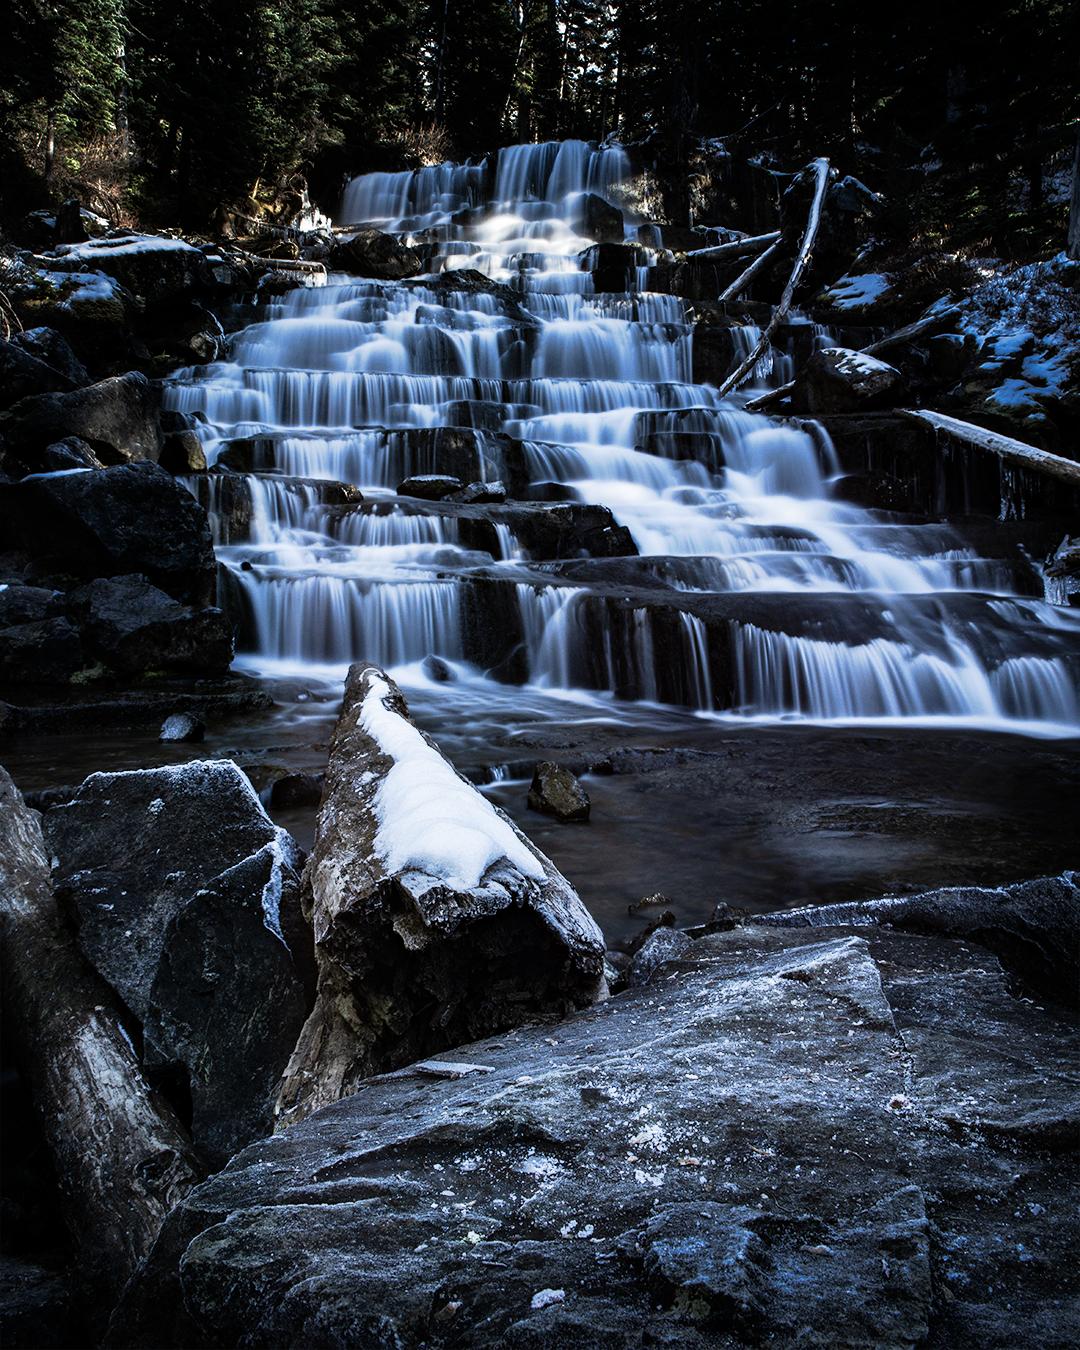 Joffe Lake-Waterfalls-Focus Stacking.jpg.png